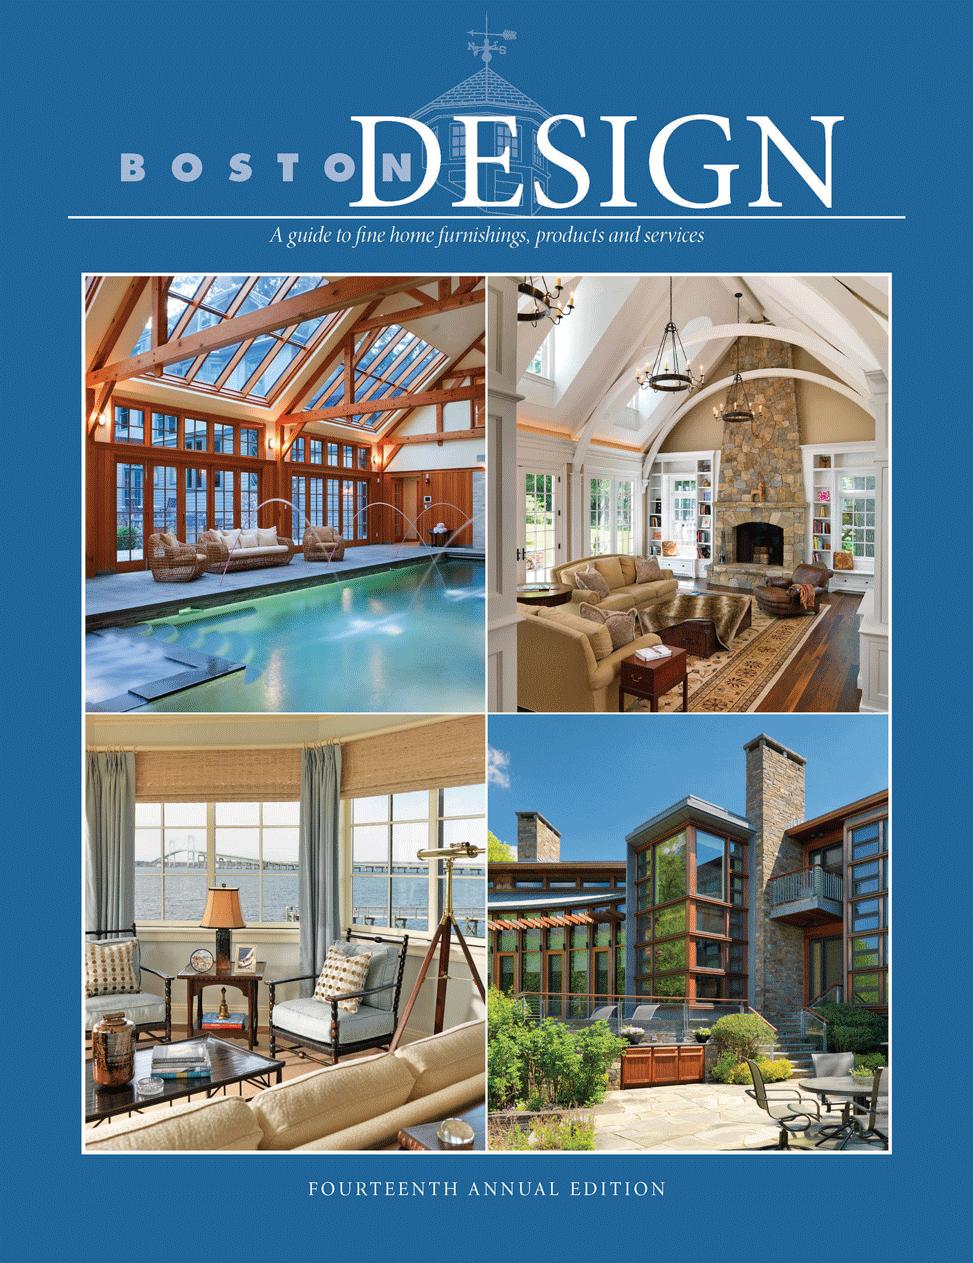 Boston Design Guide 14th Annual Edition